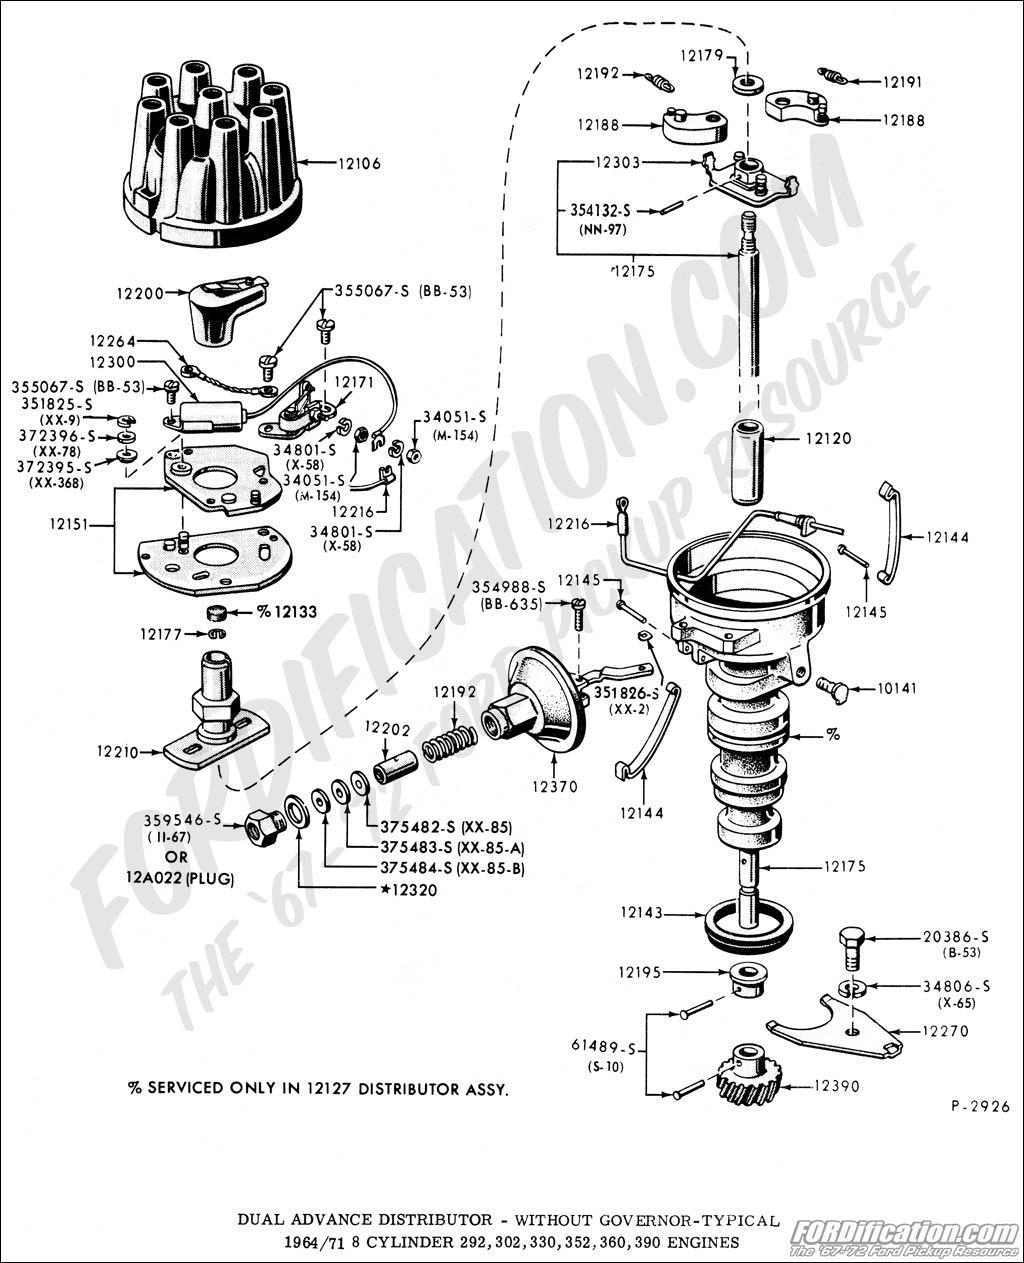 Ford F150 Spark Plug Wiring Diagram